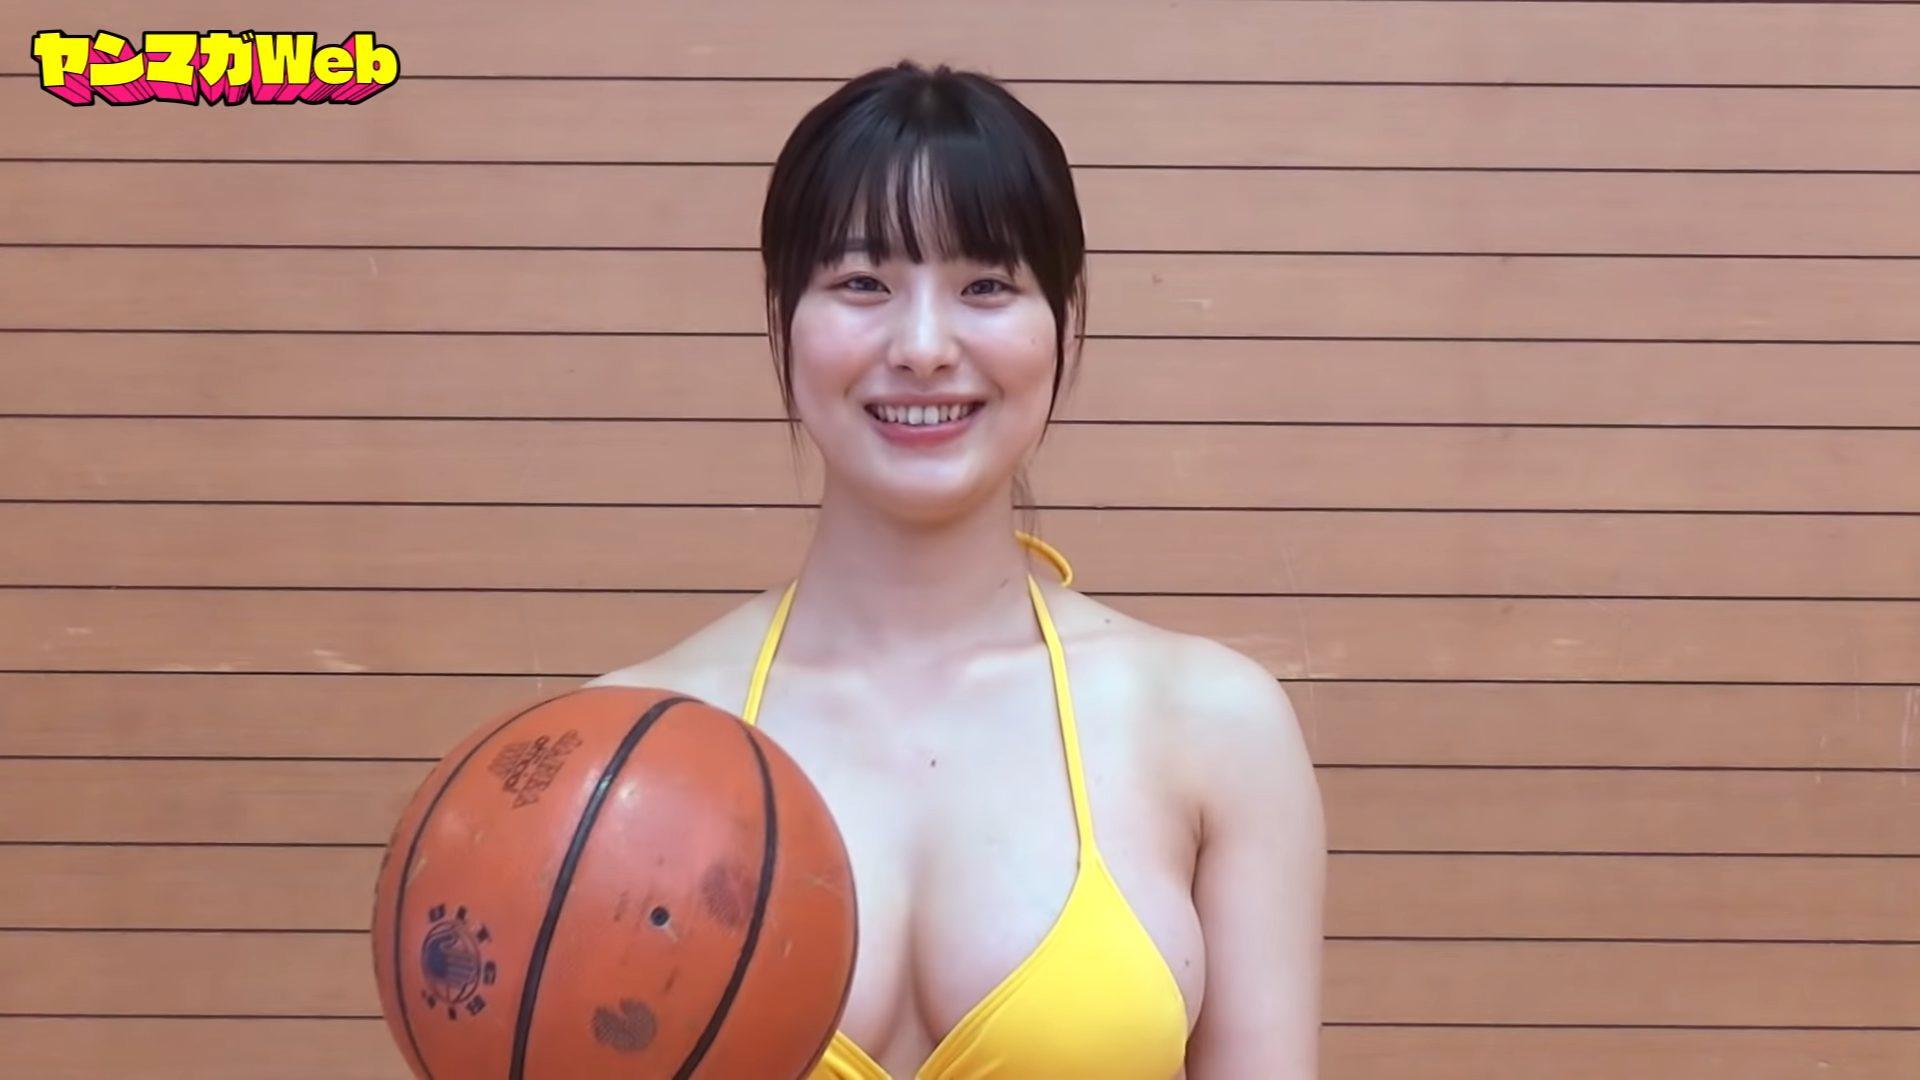 【大間乃トーコ】Hカップ6 ヤンマガWeb!水着でバスケットボール30秒バウンドチャレンジ!